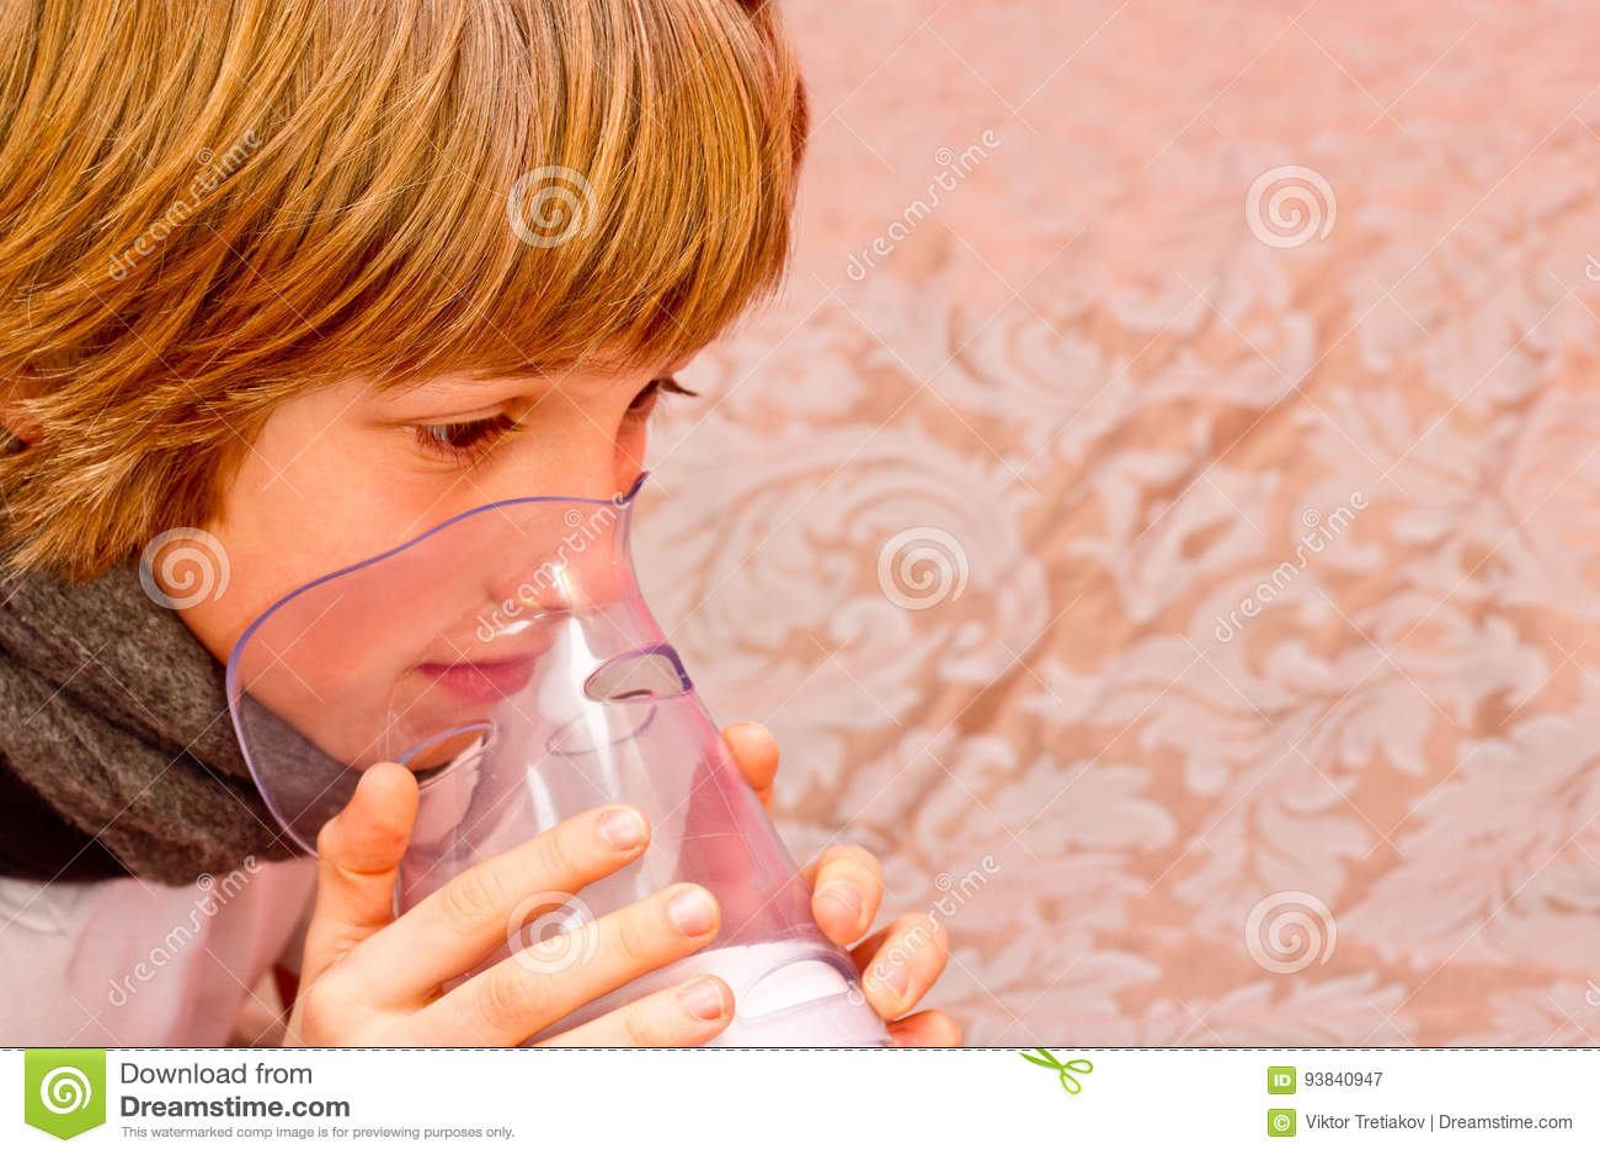 Le Petit Garcon Fait L Inhalation A La Maison Prenant Le Medicament Aux Tubes Bronchiques Tube Image Stock Image Du Medicament Tube 93840947